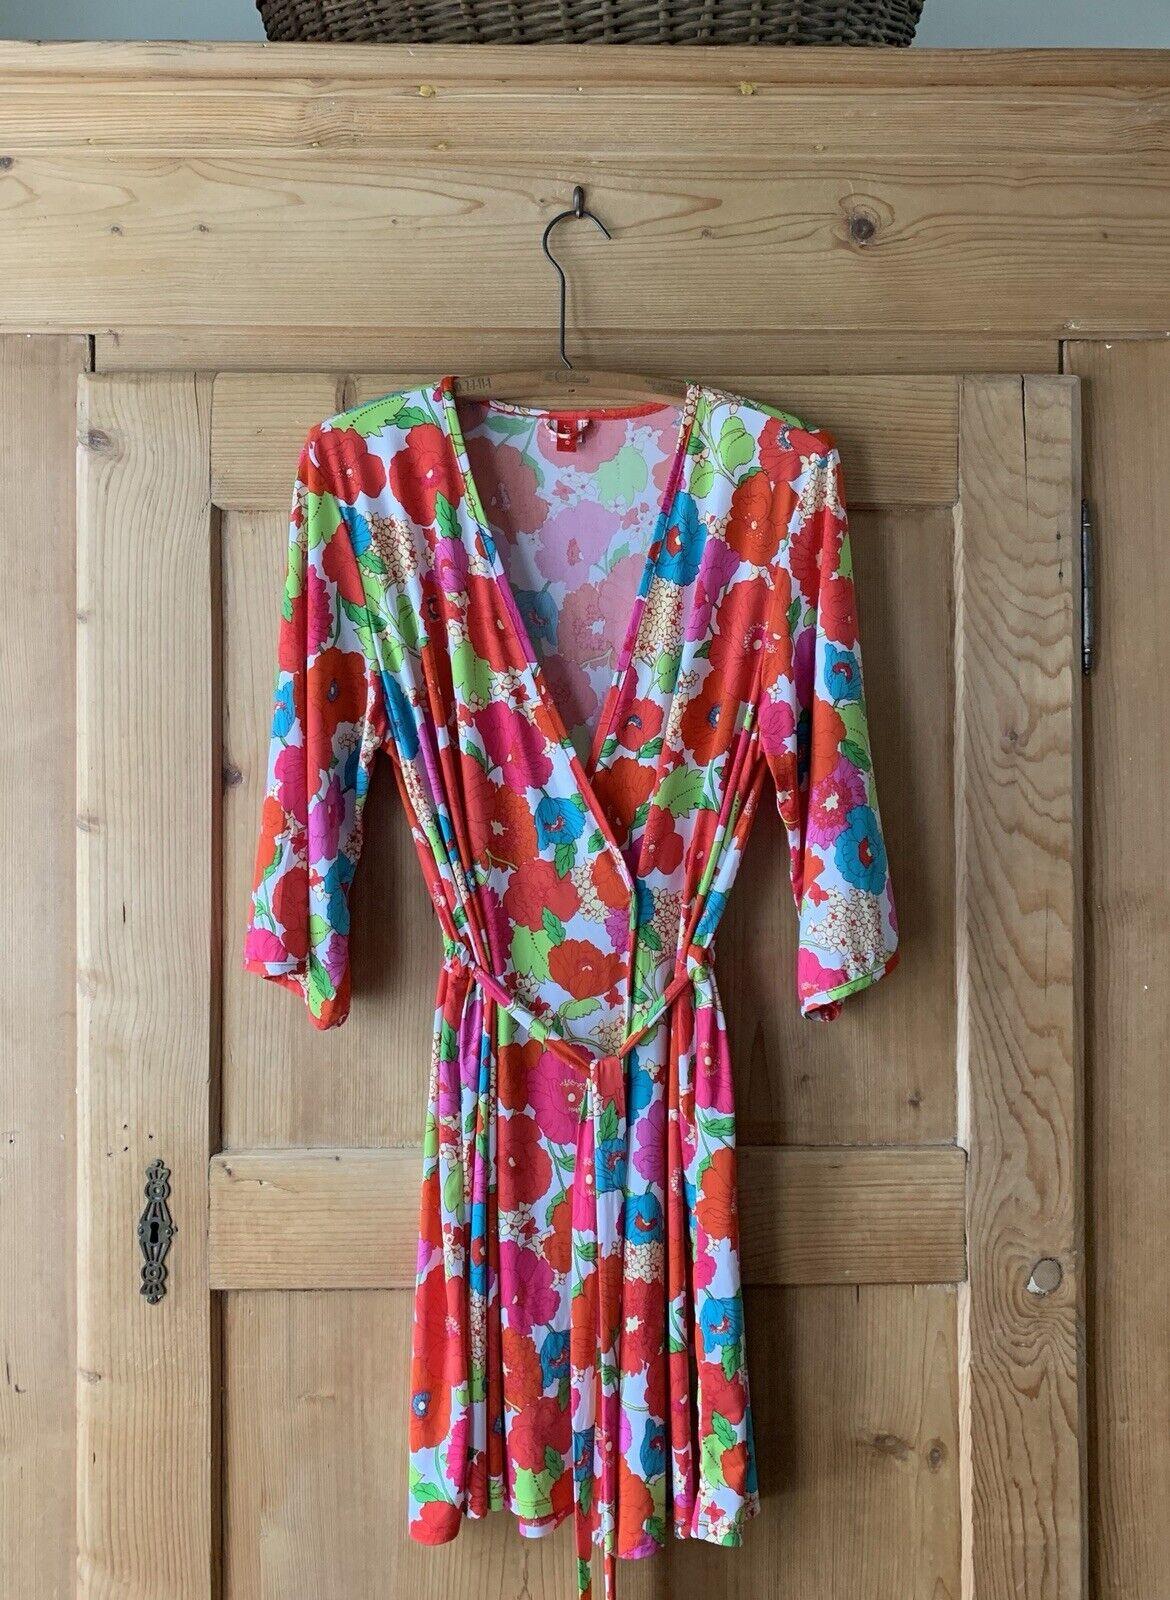 Josie Natori  Multicolor Floral Robe Belt Soft Wrap  Sz M EUC